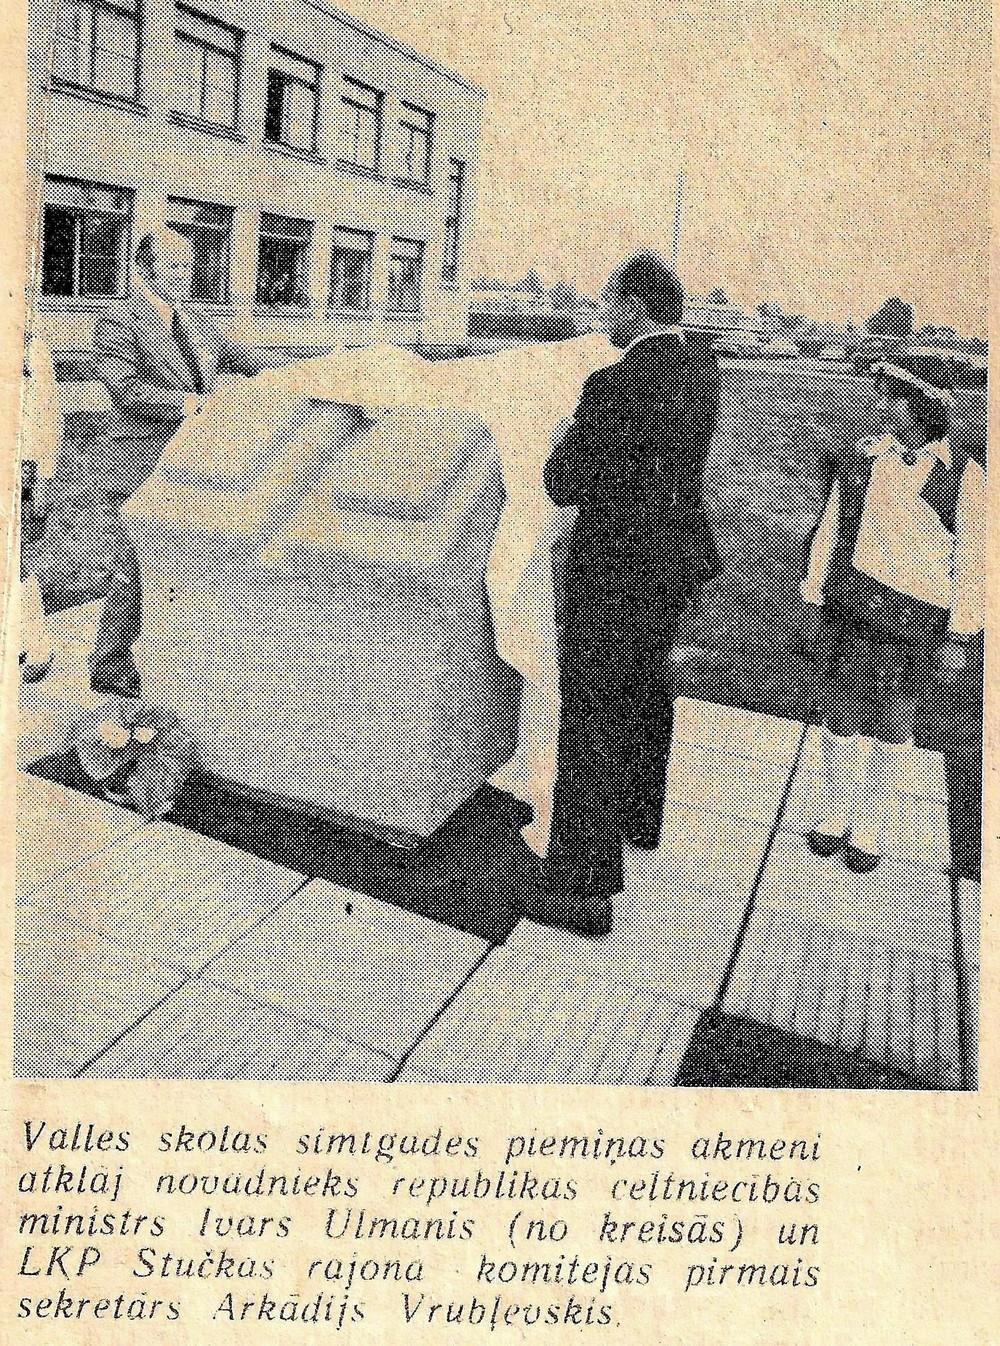 Valles skolas piemiņas akmens atklāšana 25. maijā 1979. gadā